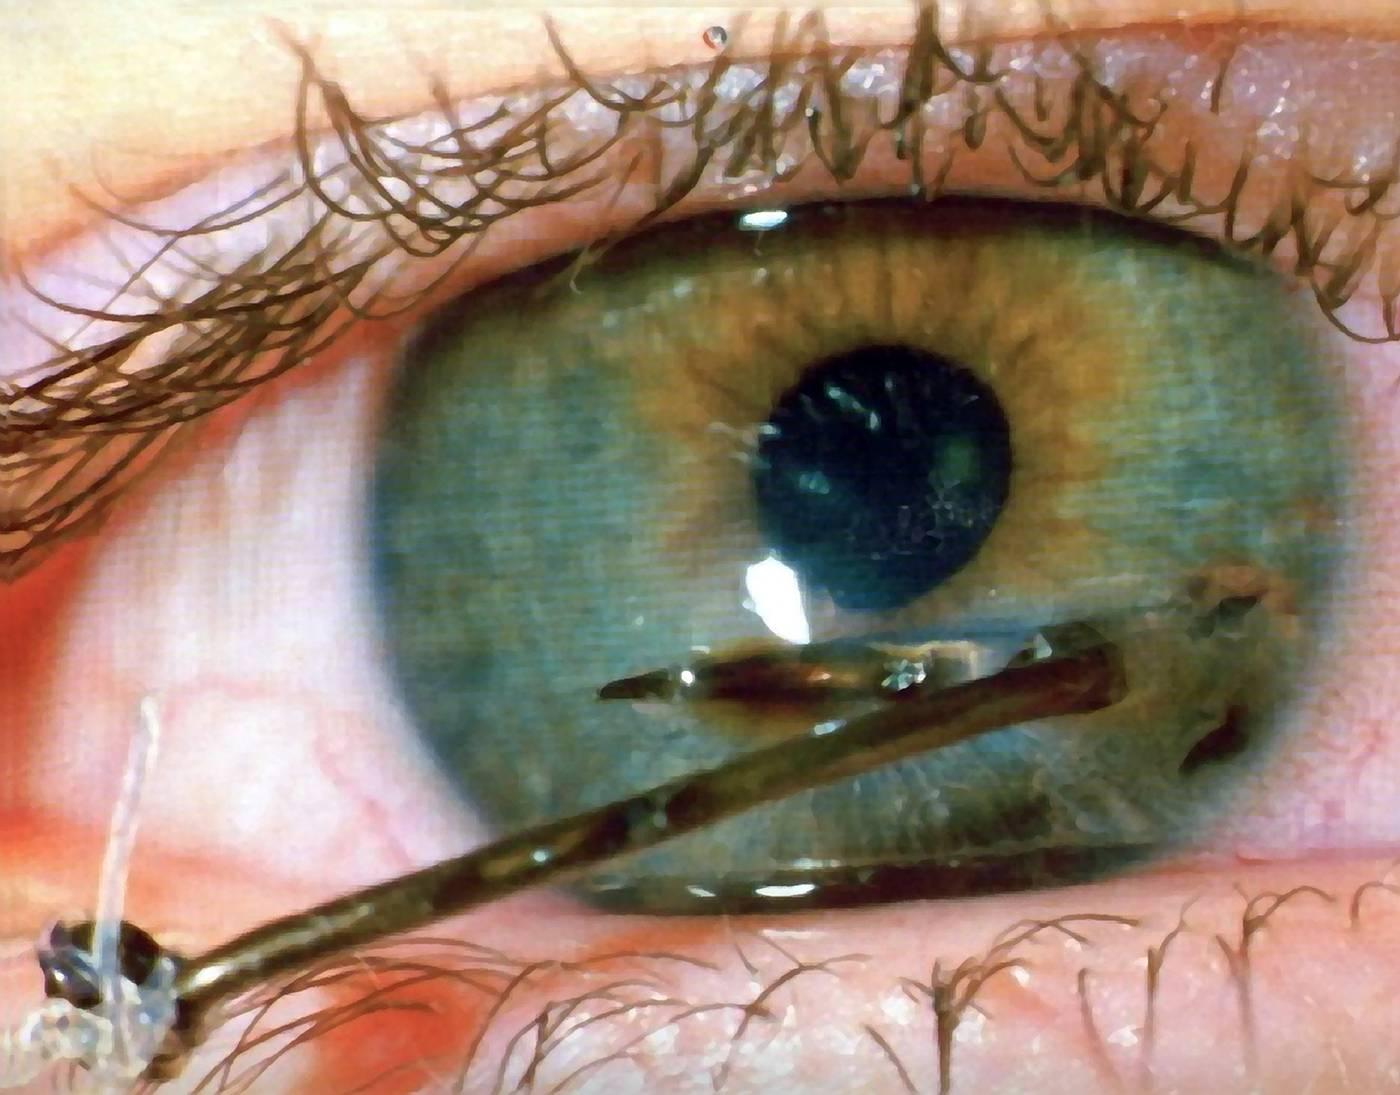 Как избавиться от ощущения инородного предмета в глазу при ношении линз